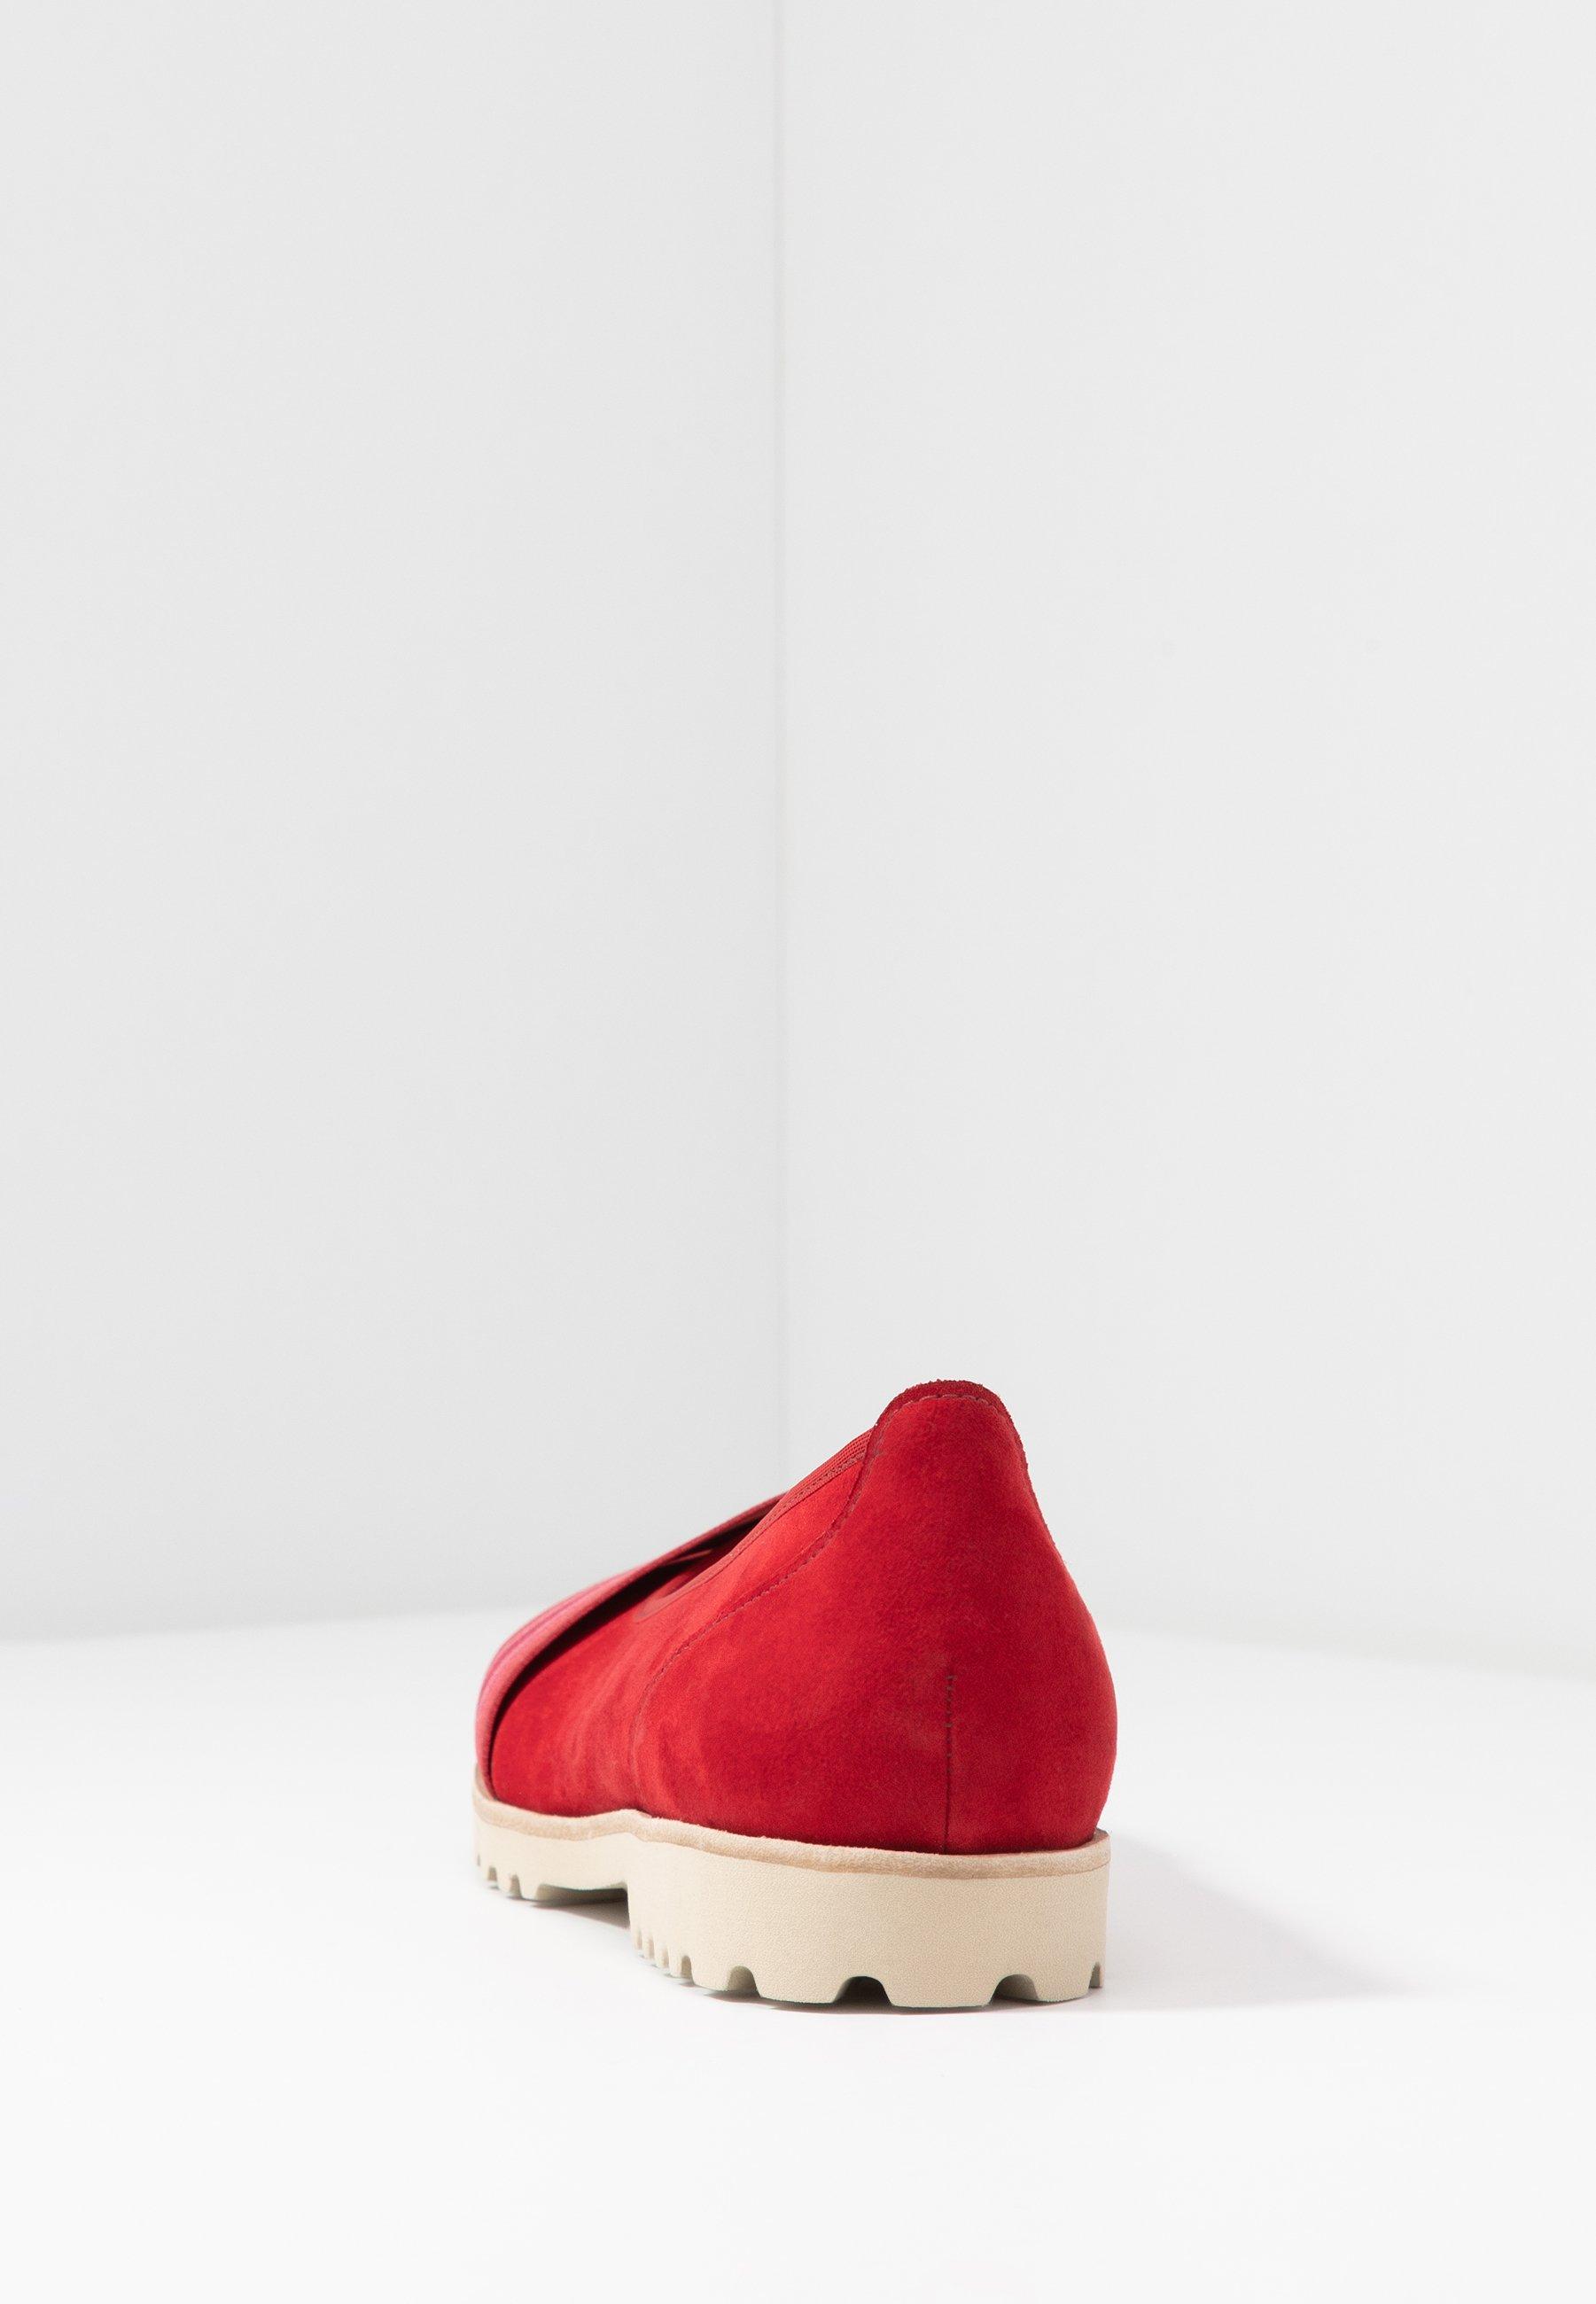 Gabor Ballet Pumps - Cherry